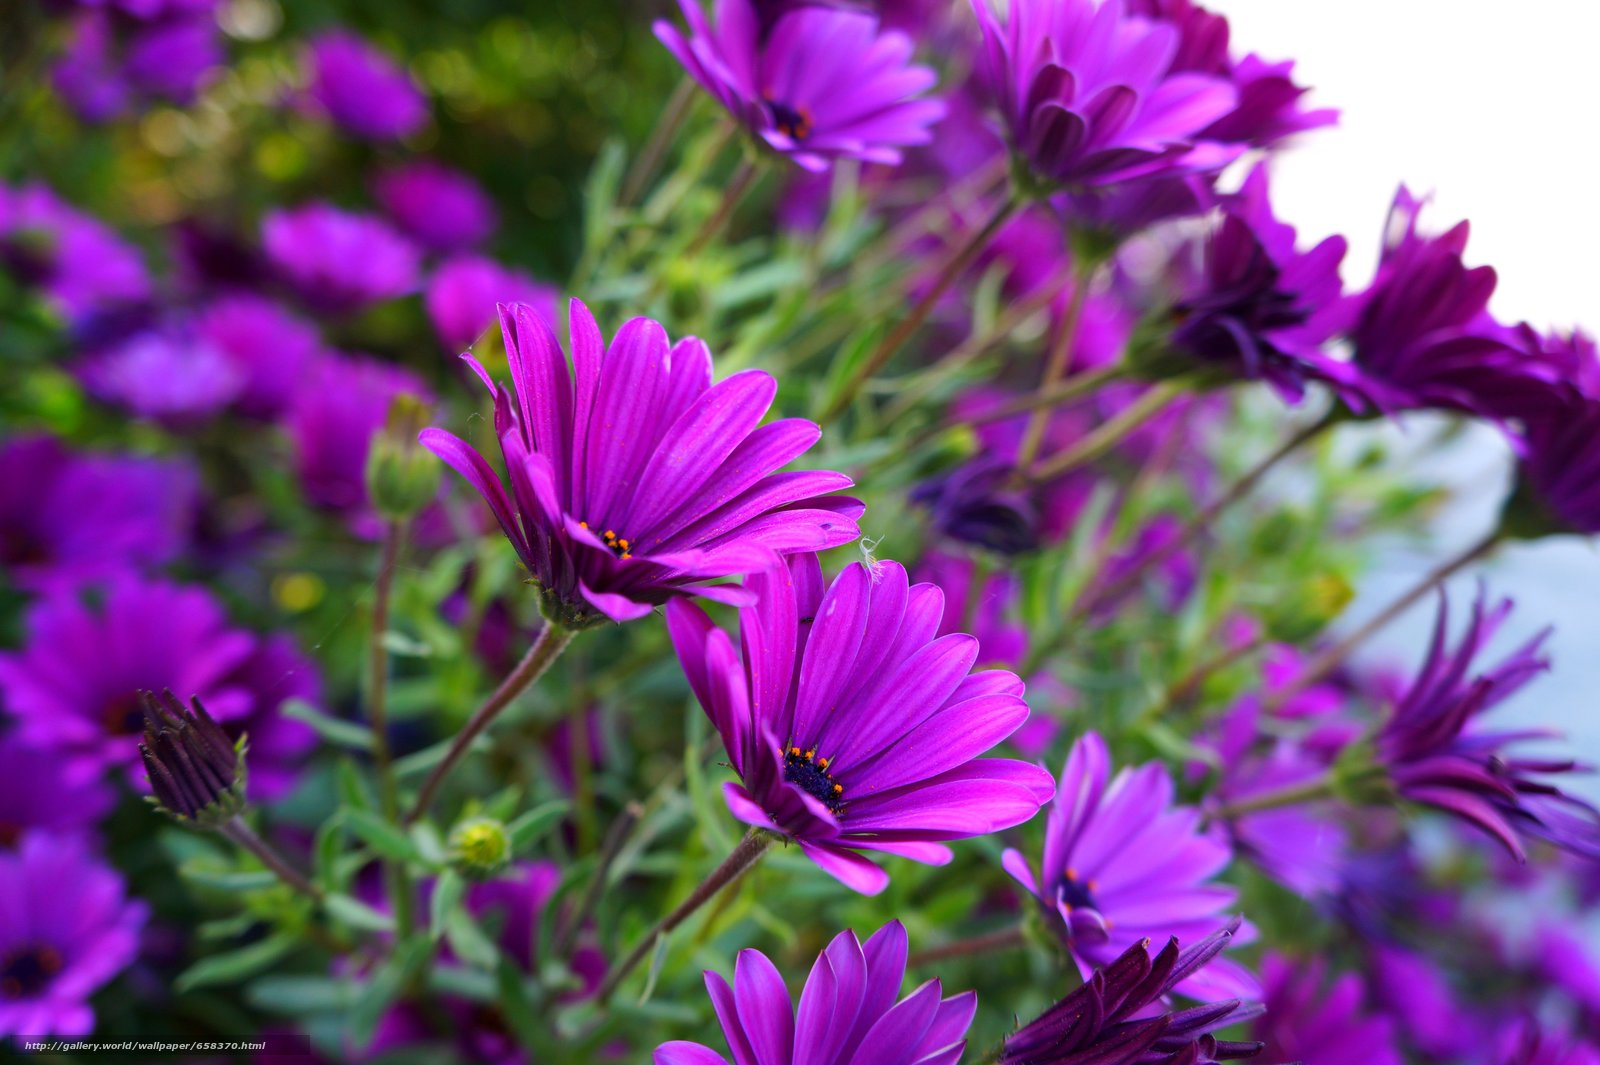 Скачать обои цветок,  цветы,  флора бесплатно для рабочего стола в разрешении 5456x3632 — картинка №658370